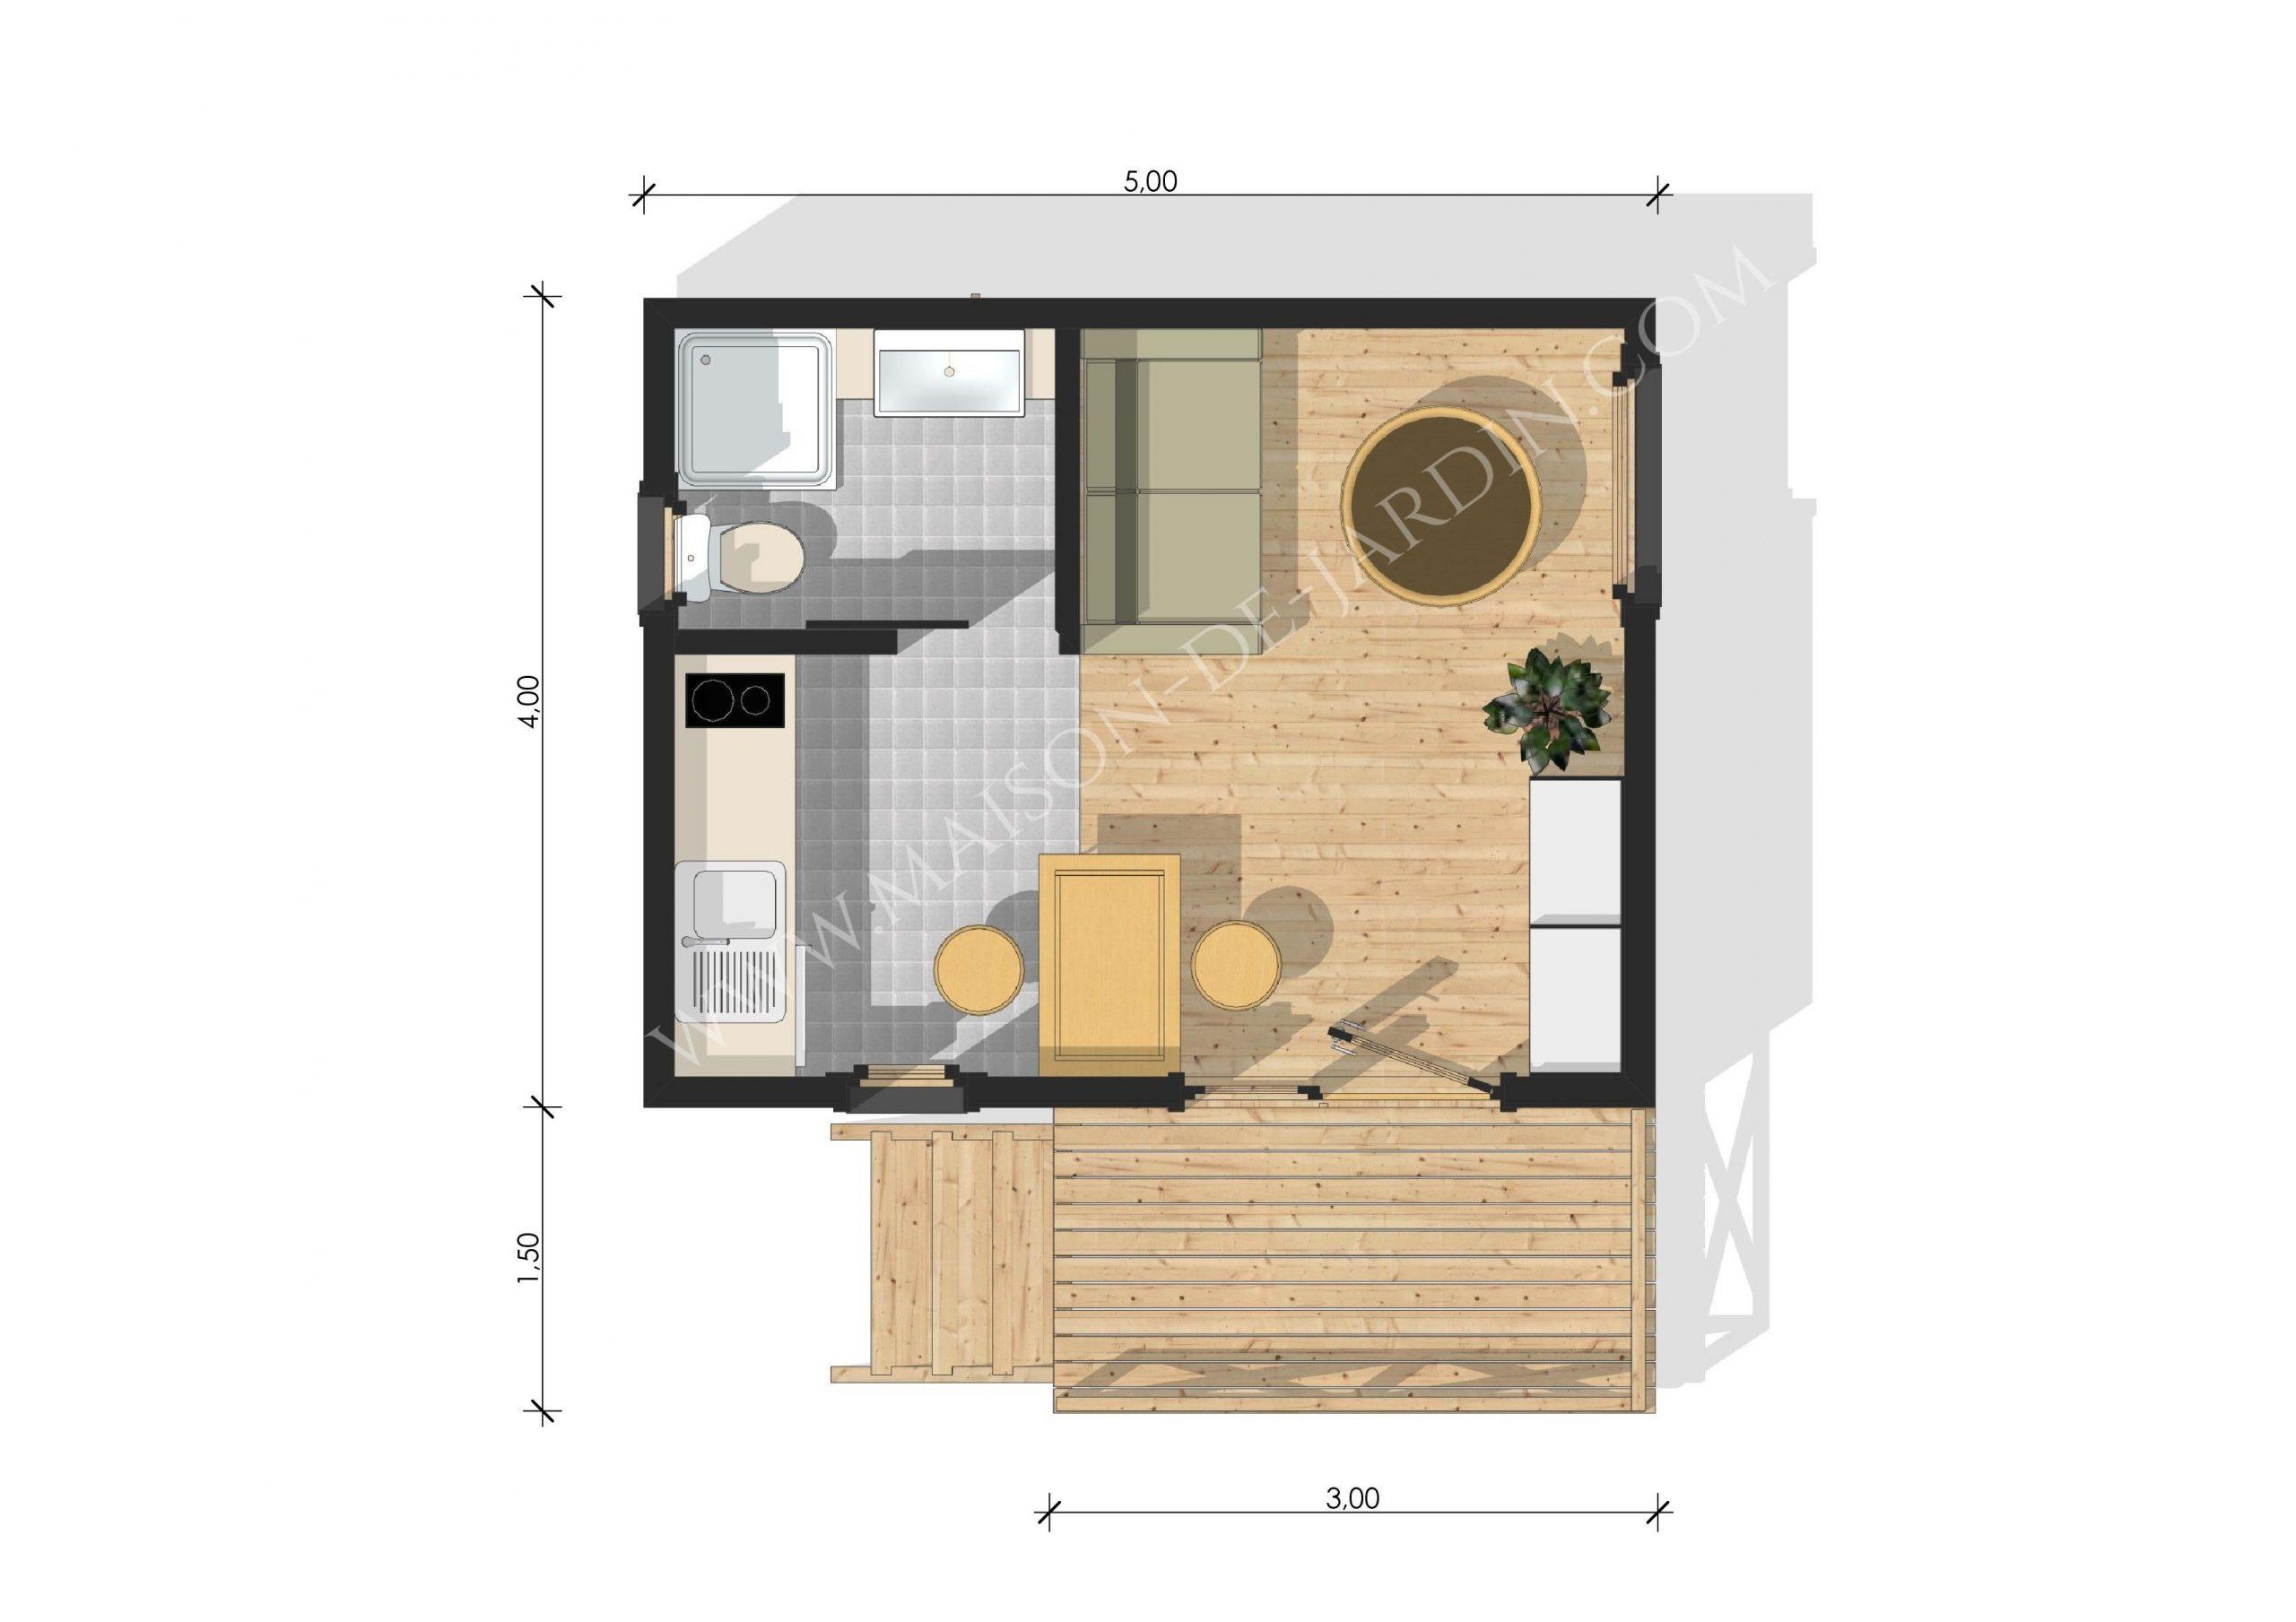 Plan Maison 20M2 Avec Mezzanine | Plan Maison, Plan Maison ... destiné Chalet En Bois 20M2